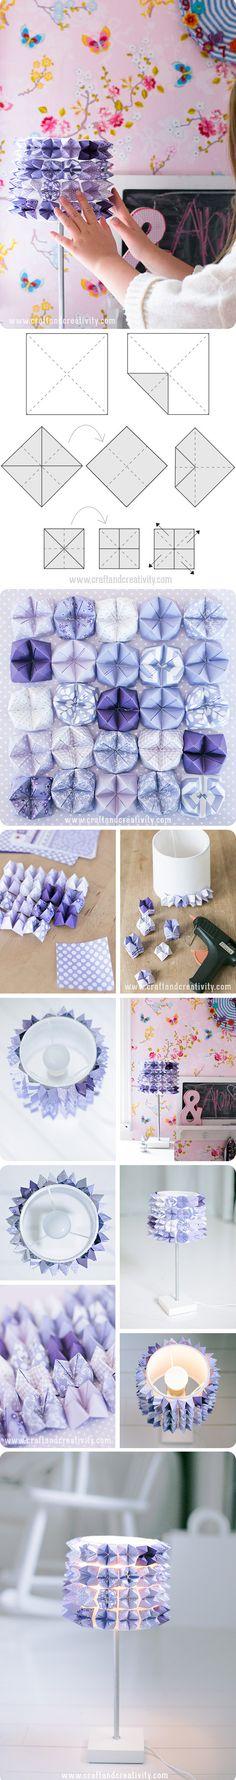 Lámpara DIY con papel plegado (Fortune Teller Lamp)